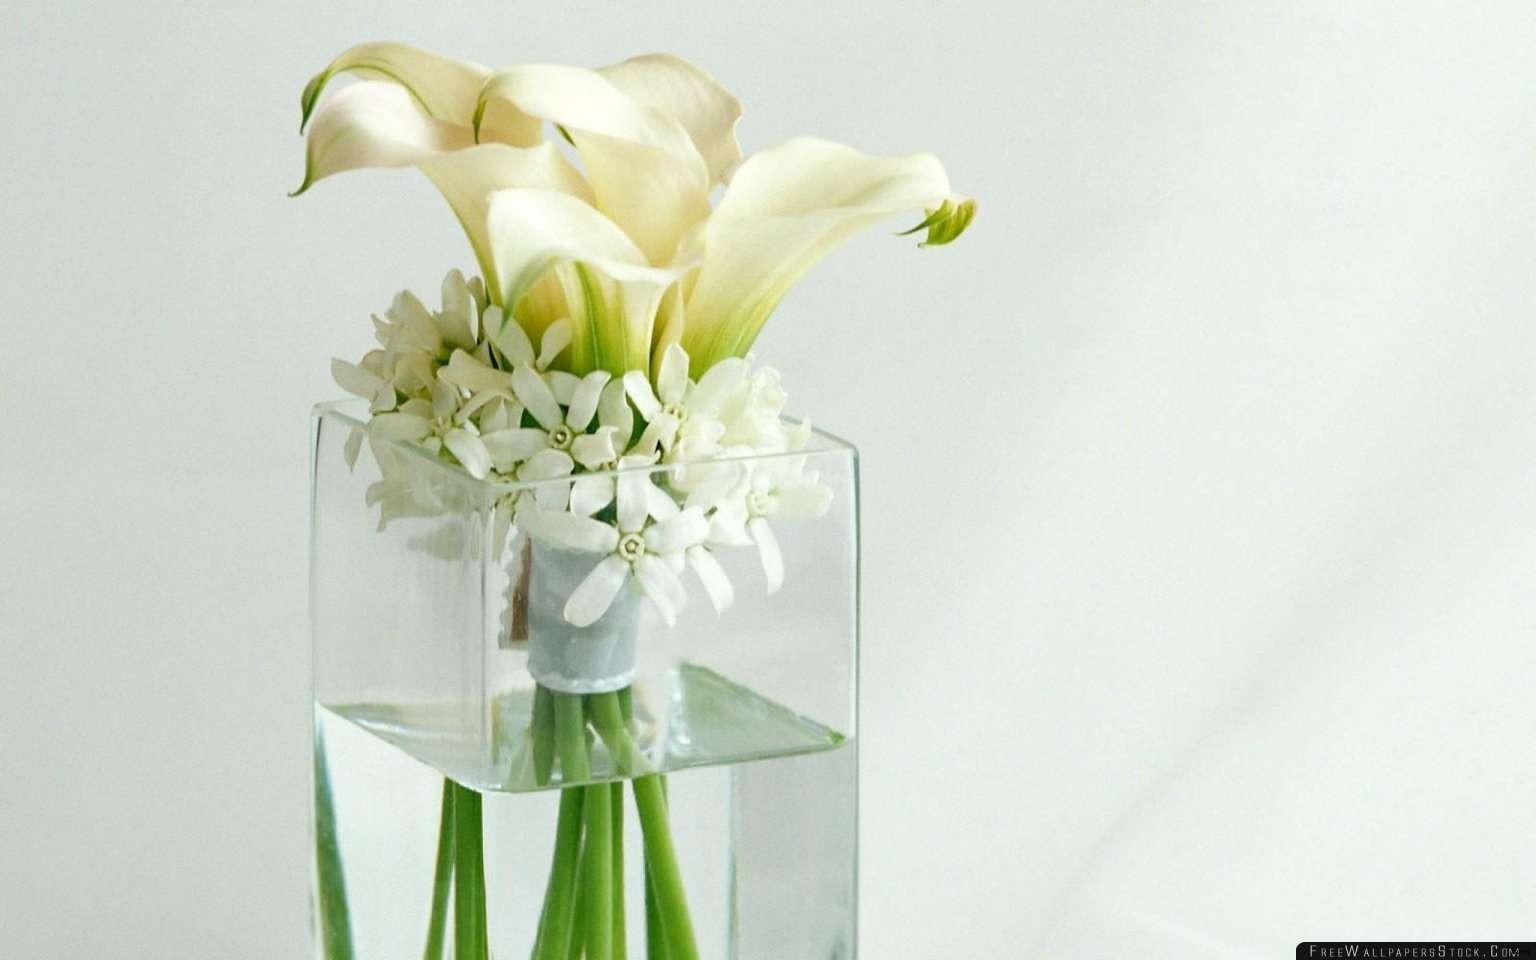 vase filler rocks of hurricane glass vase pics tall hurricane vase best from dsc 0052h intended for hurricane glass vase pics tall hurricane vase best from dsc 0052h vases fall hurricane vase